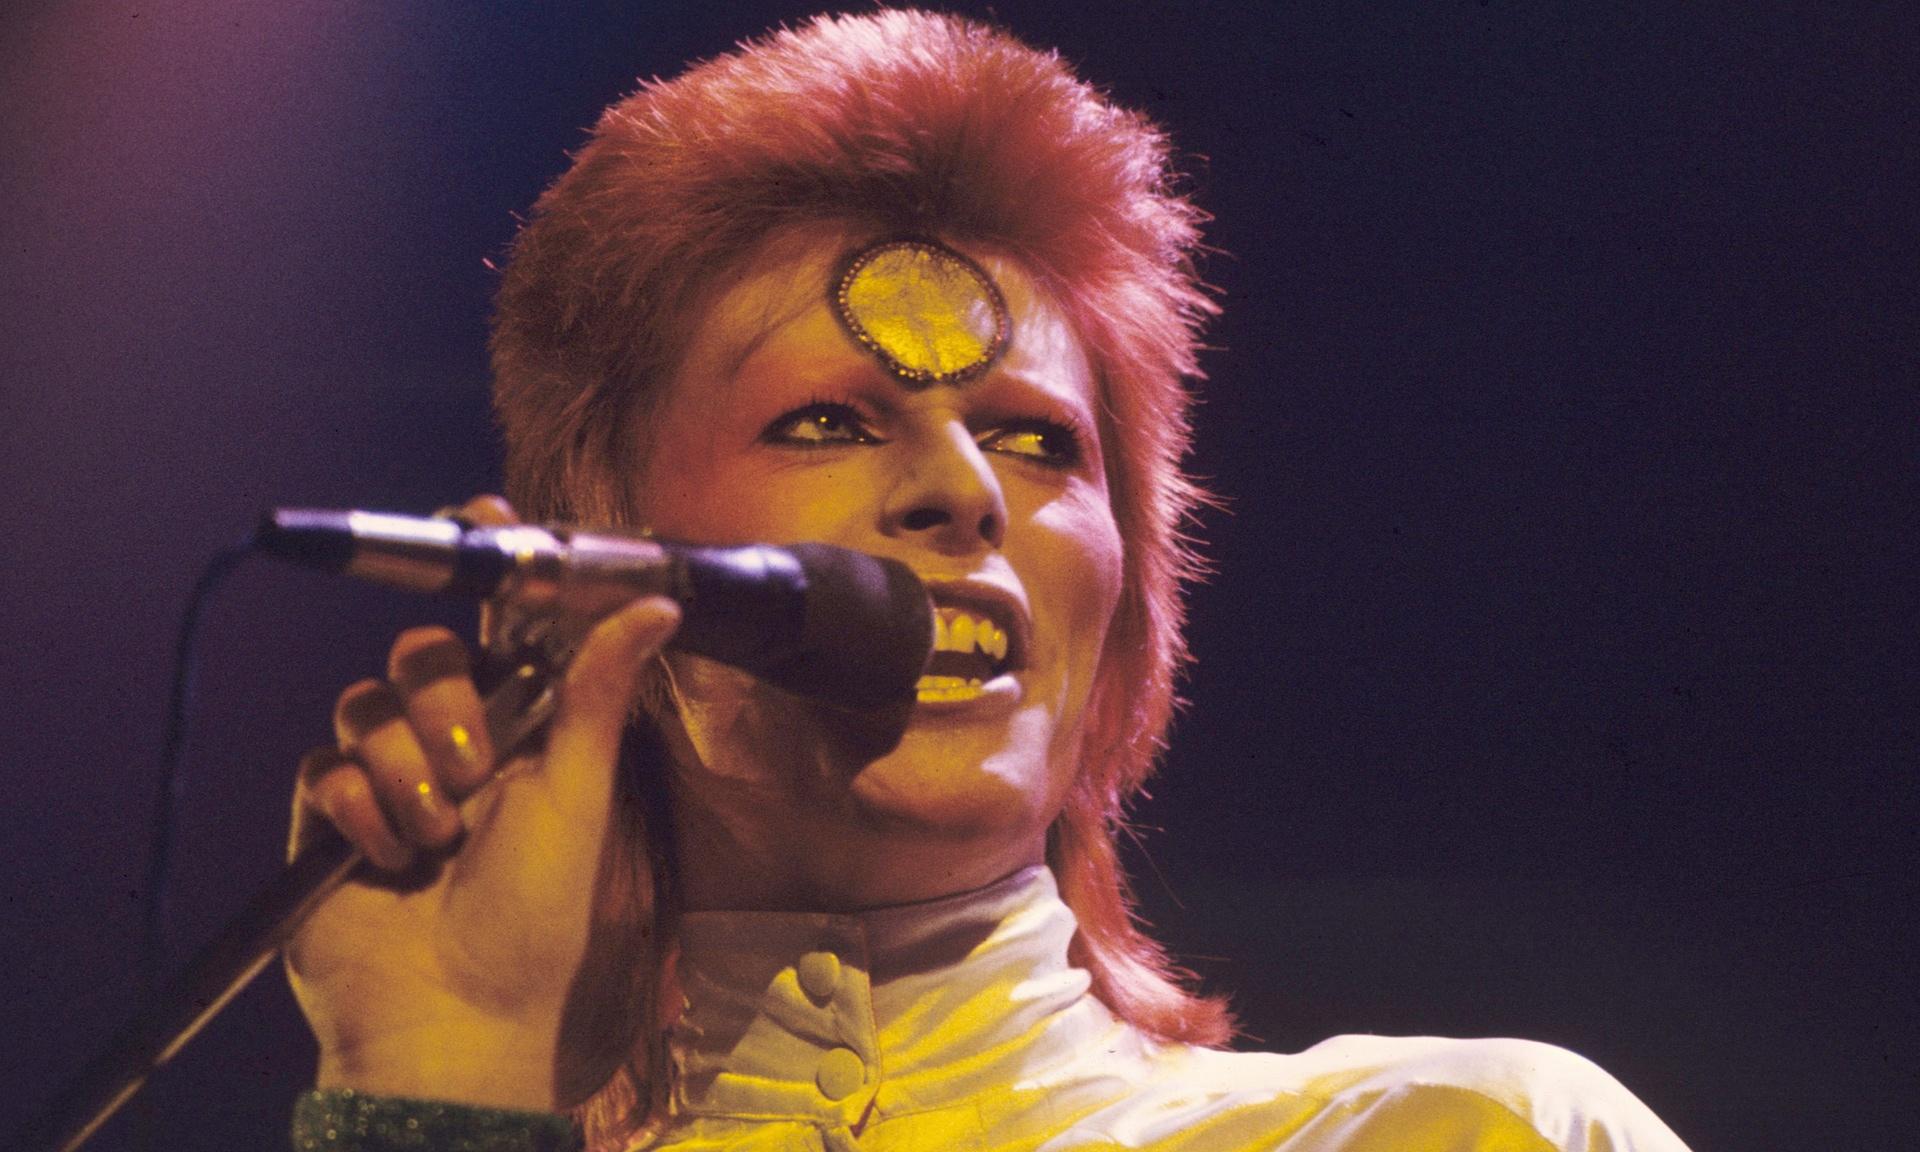 Едино от най-запомнящите се превъплъщения на Дейвид Бауи - Ziggy Stardust Фотография: Ilpo Musto / REX Shutterstock